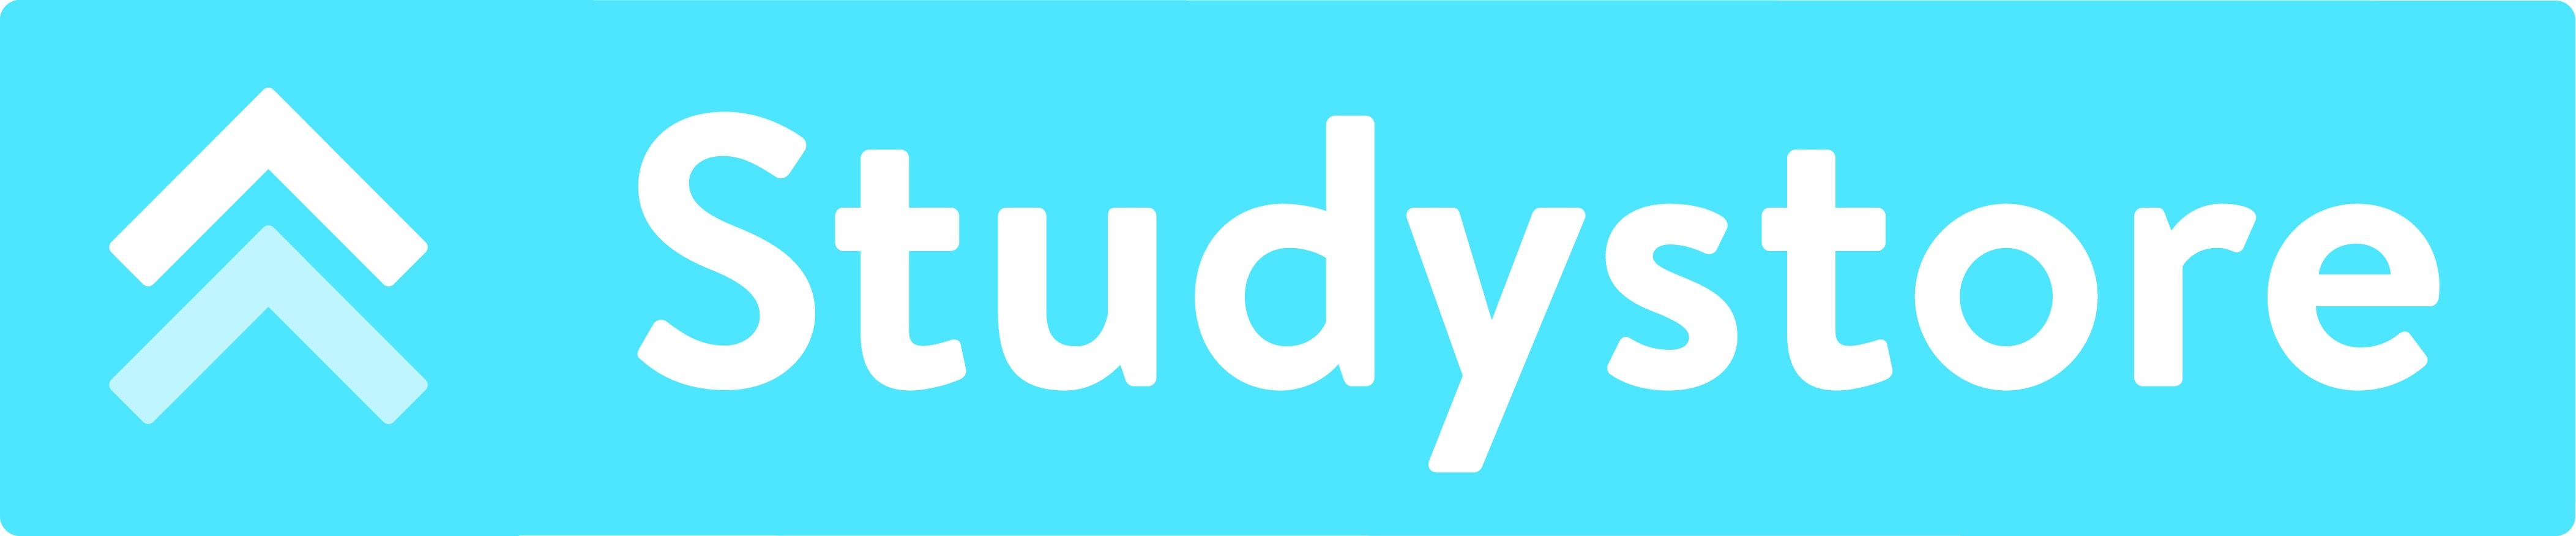 Studiehulp bij SlimAcademy - Logo Studystore